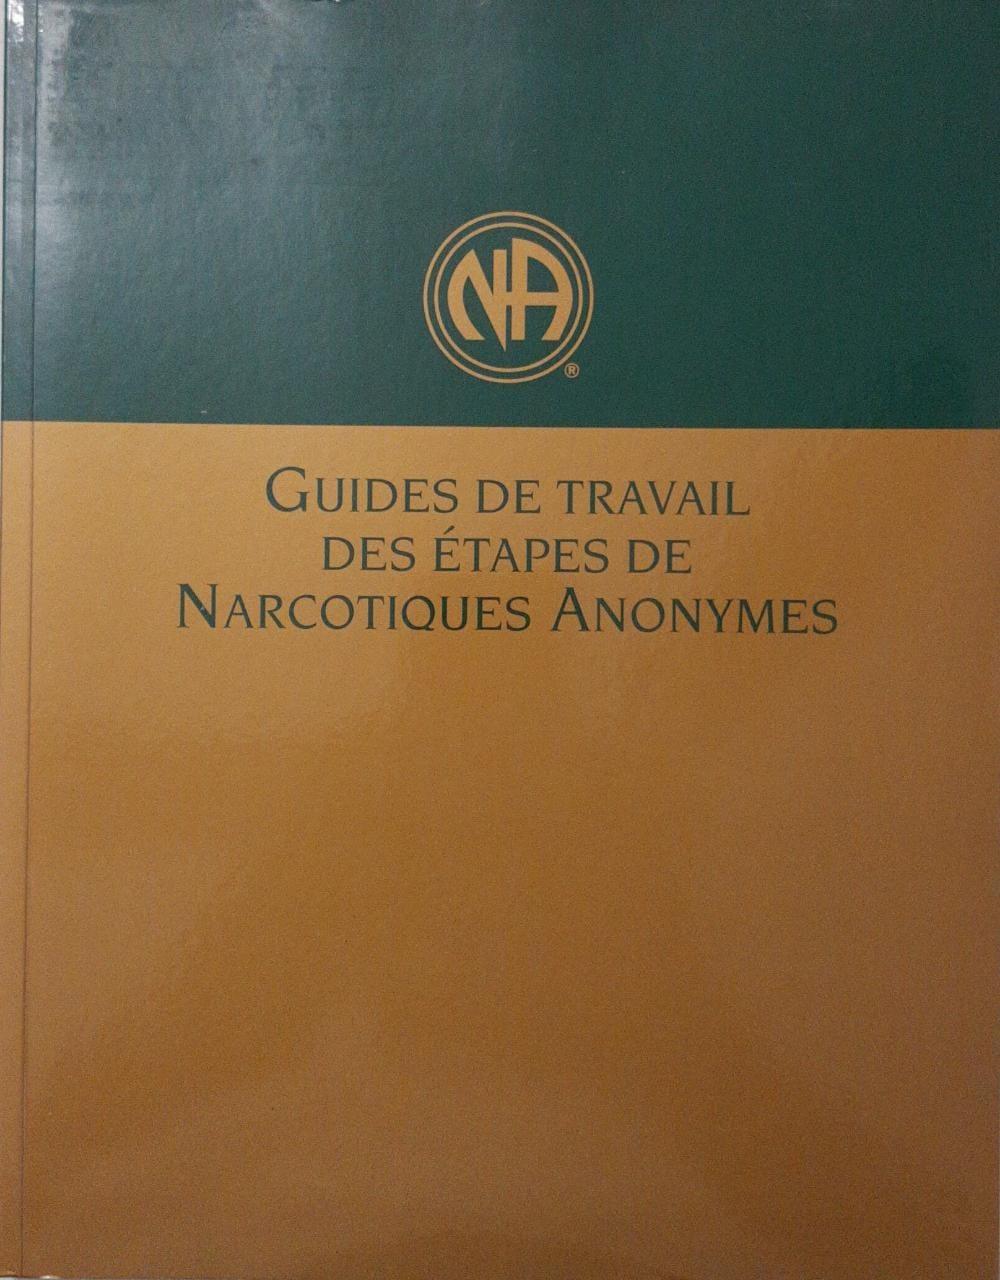 GUIDES DE TRAVAIL DES ÉTAPES DE NARCOTIQUES ANONYMES FR-1400